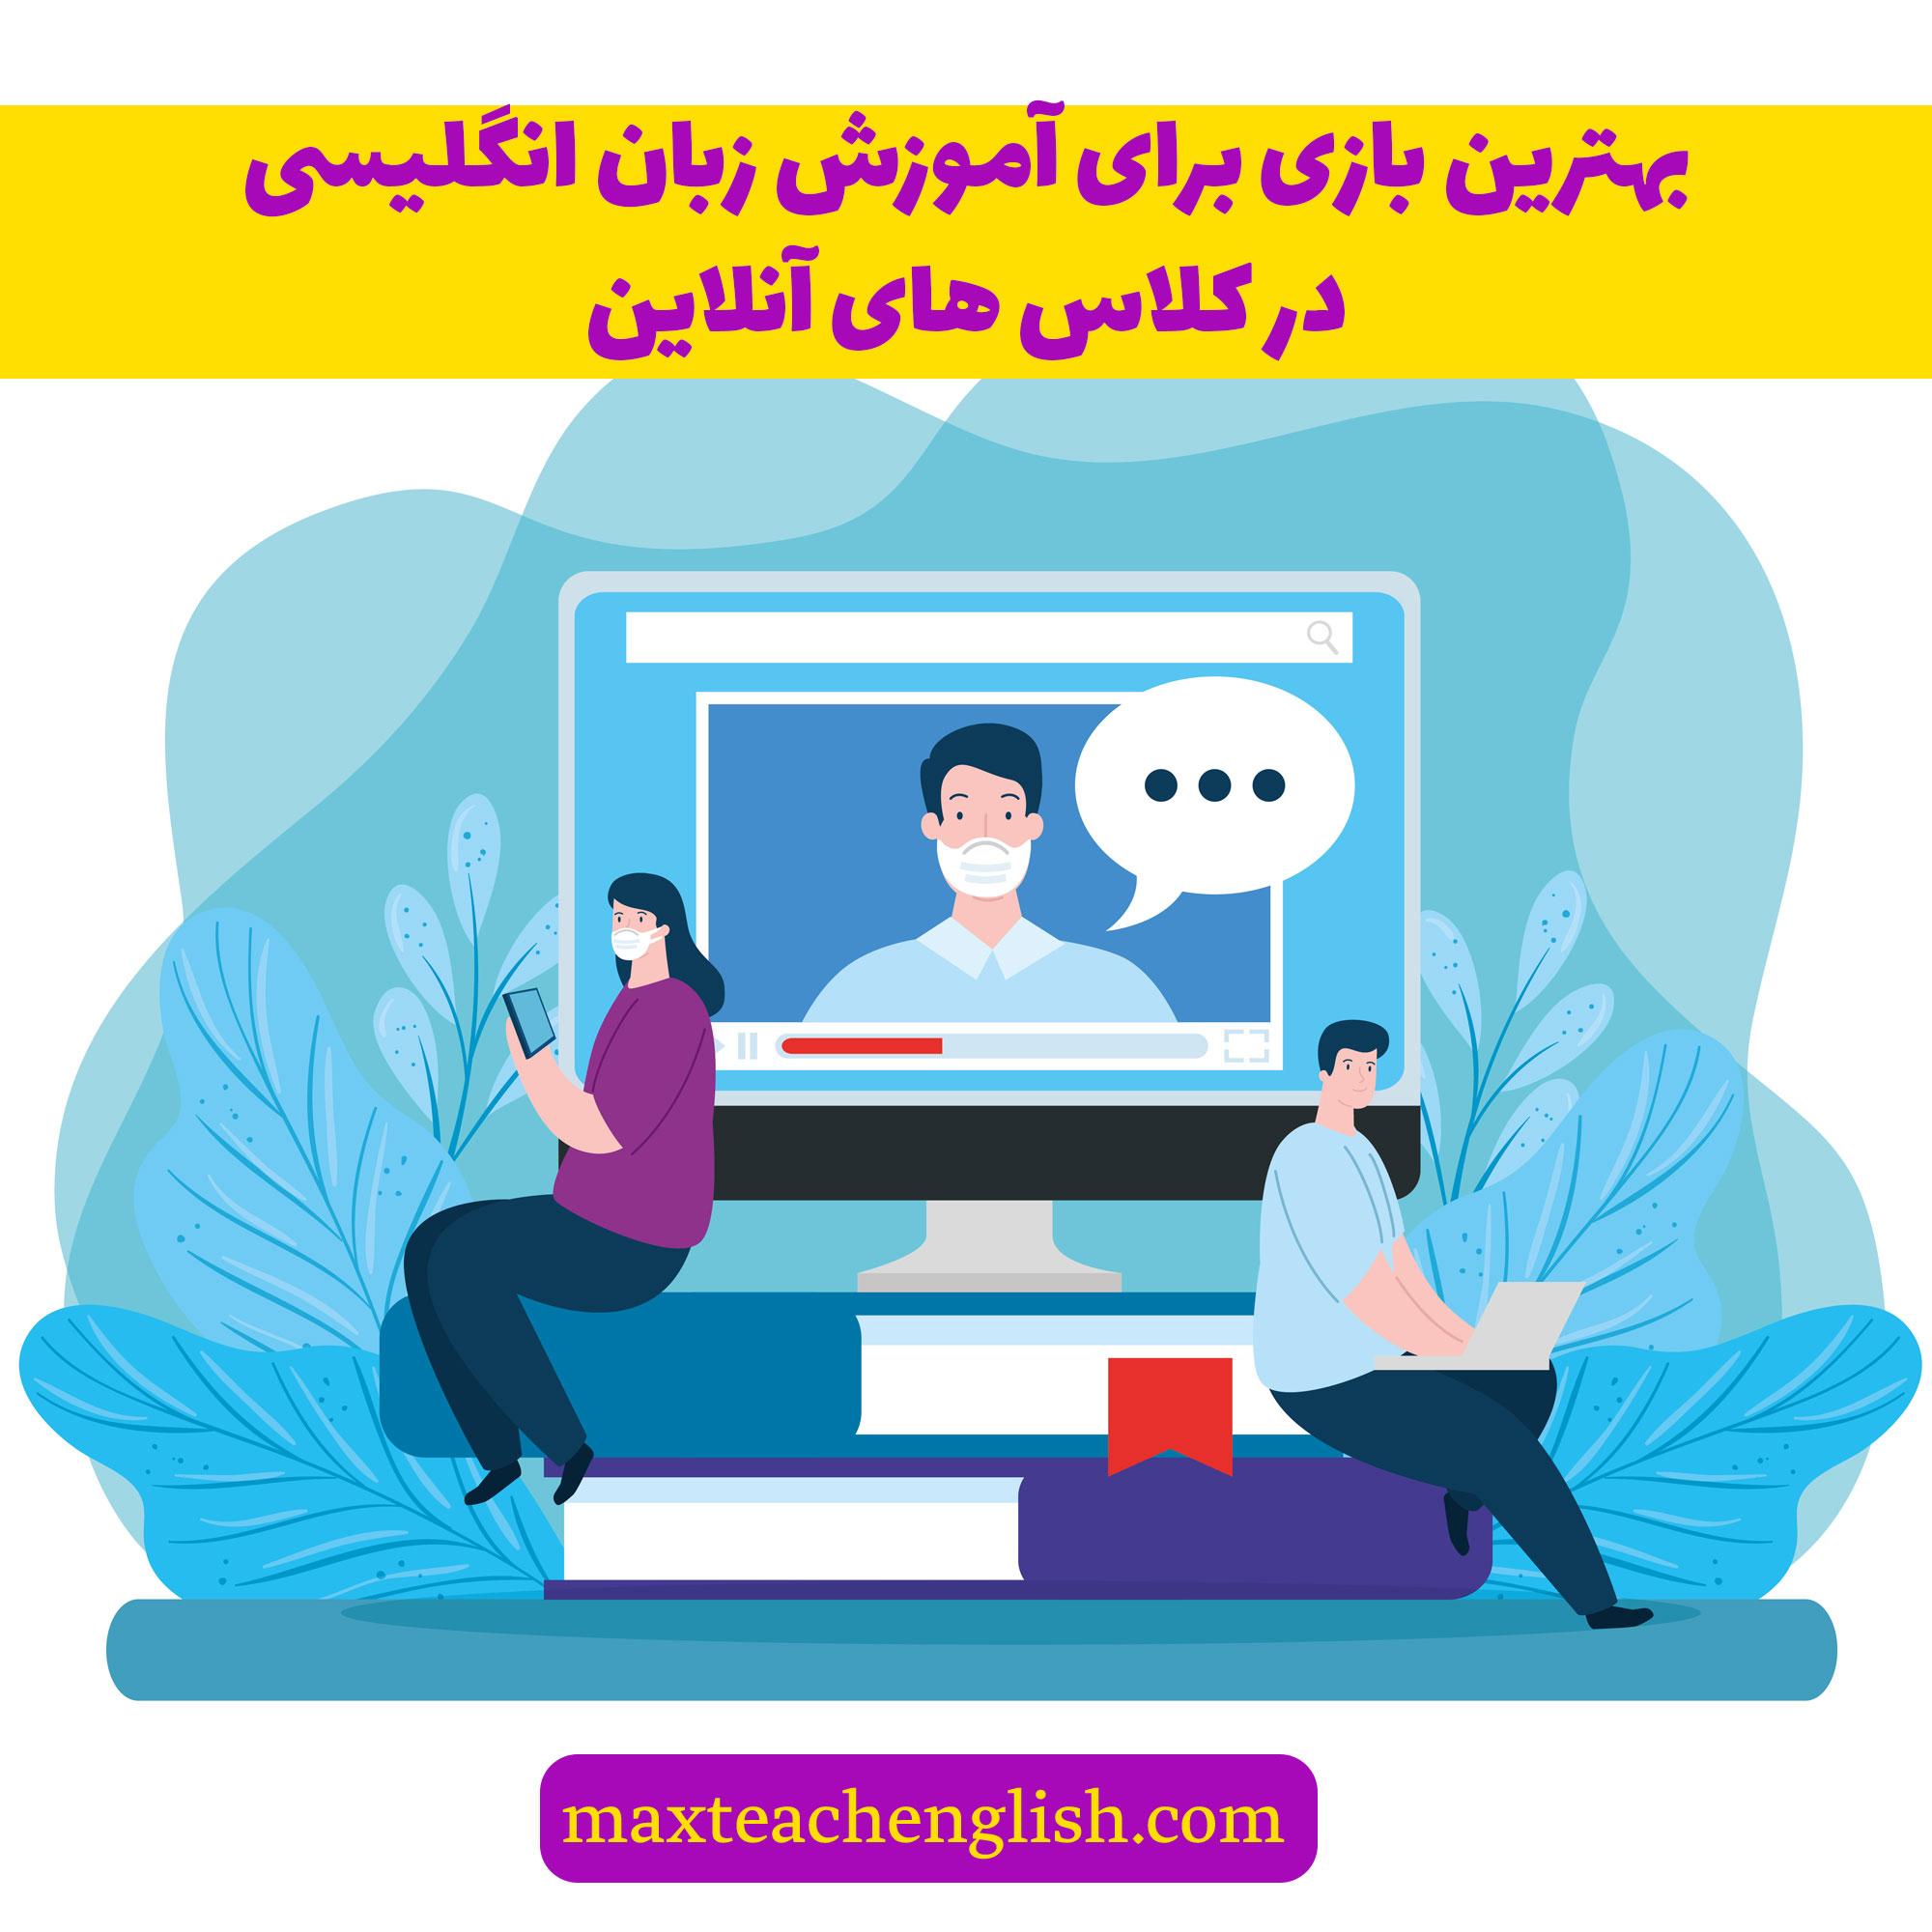 بازی آنلاین برای تقویت زبان انگلیسی